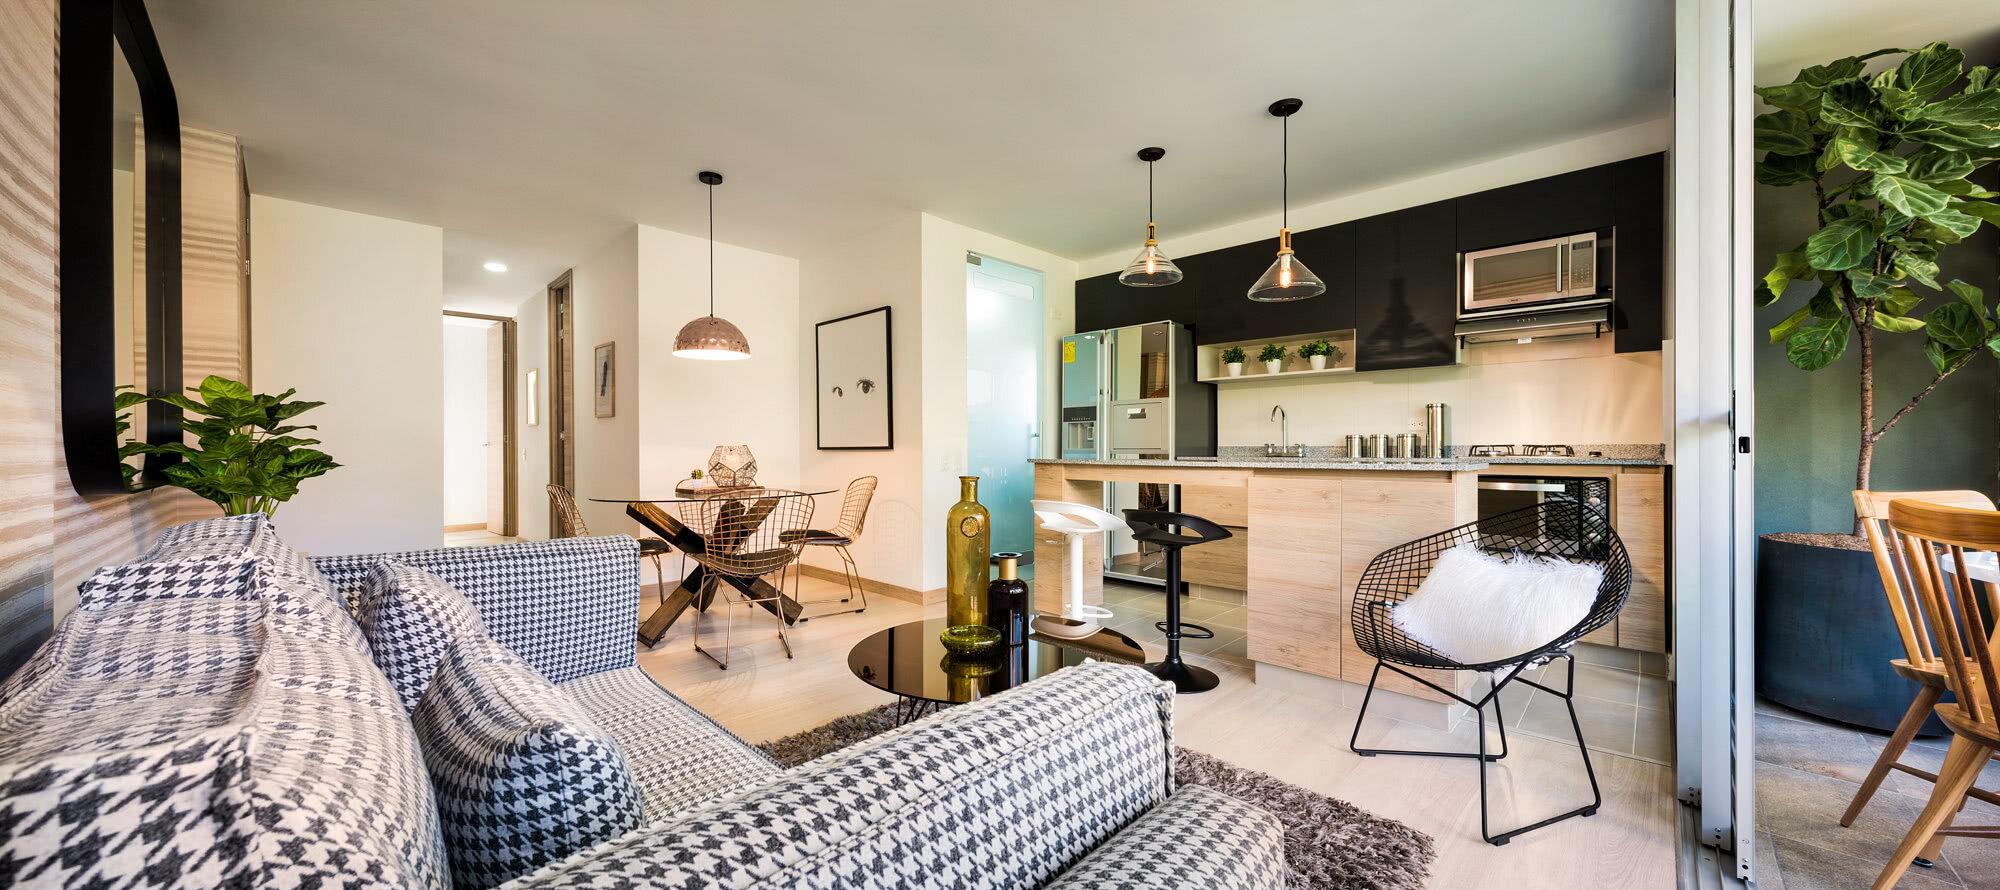 Portafolio de fotografía de apartamentos y casas modelo -